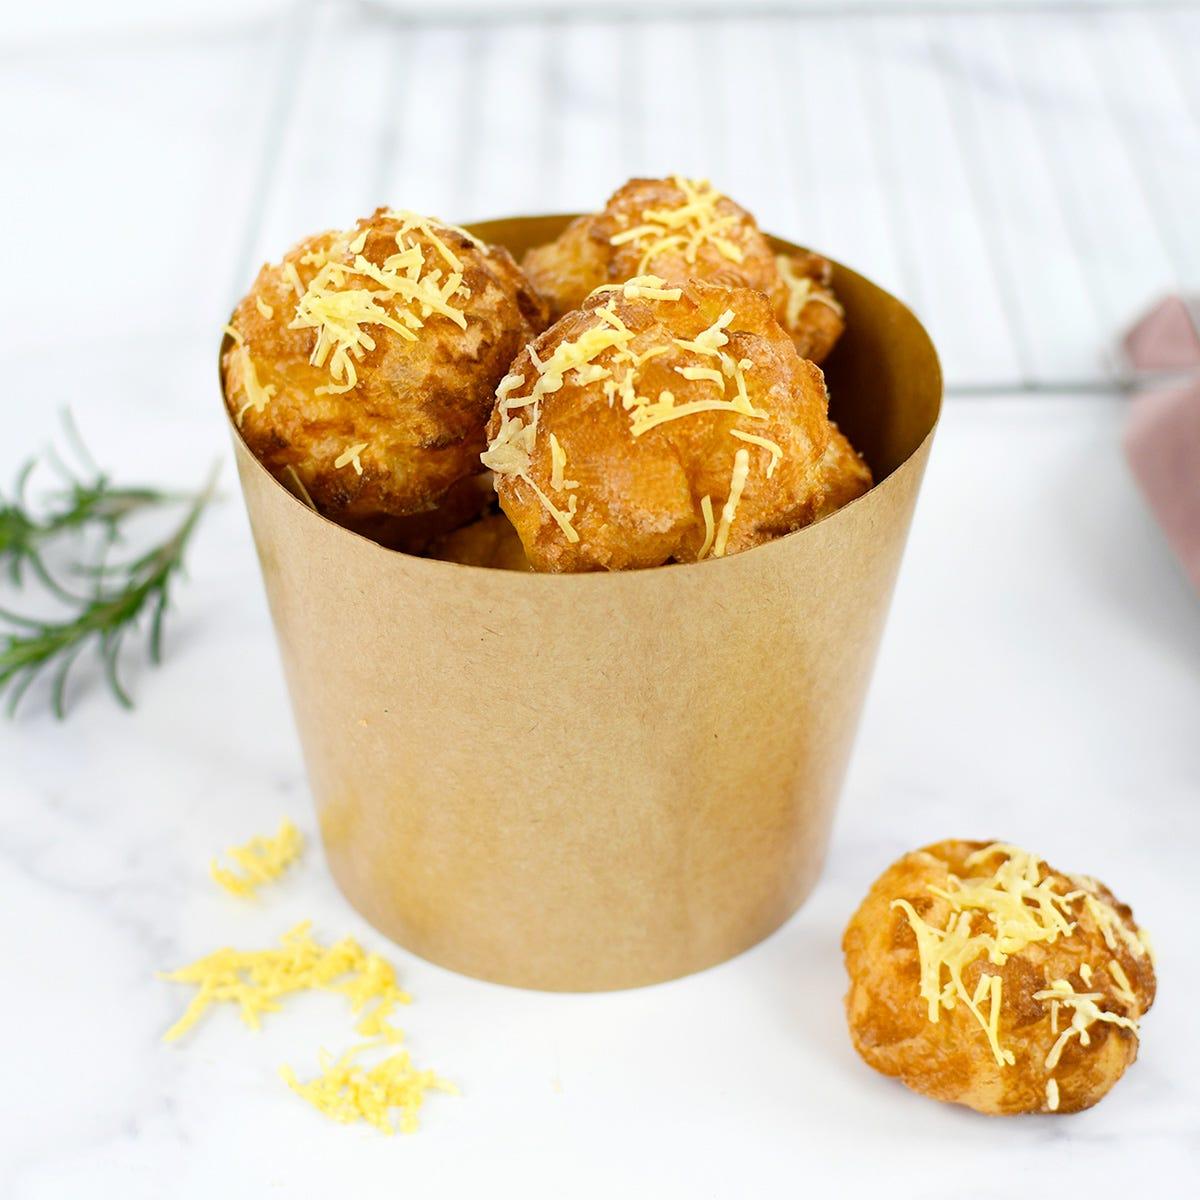 ¡Haz que a tu familia se les caiga la baba con esta receta de buñuelos de queso!